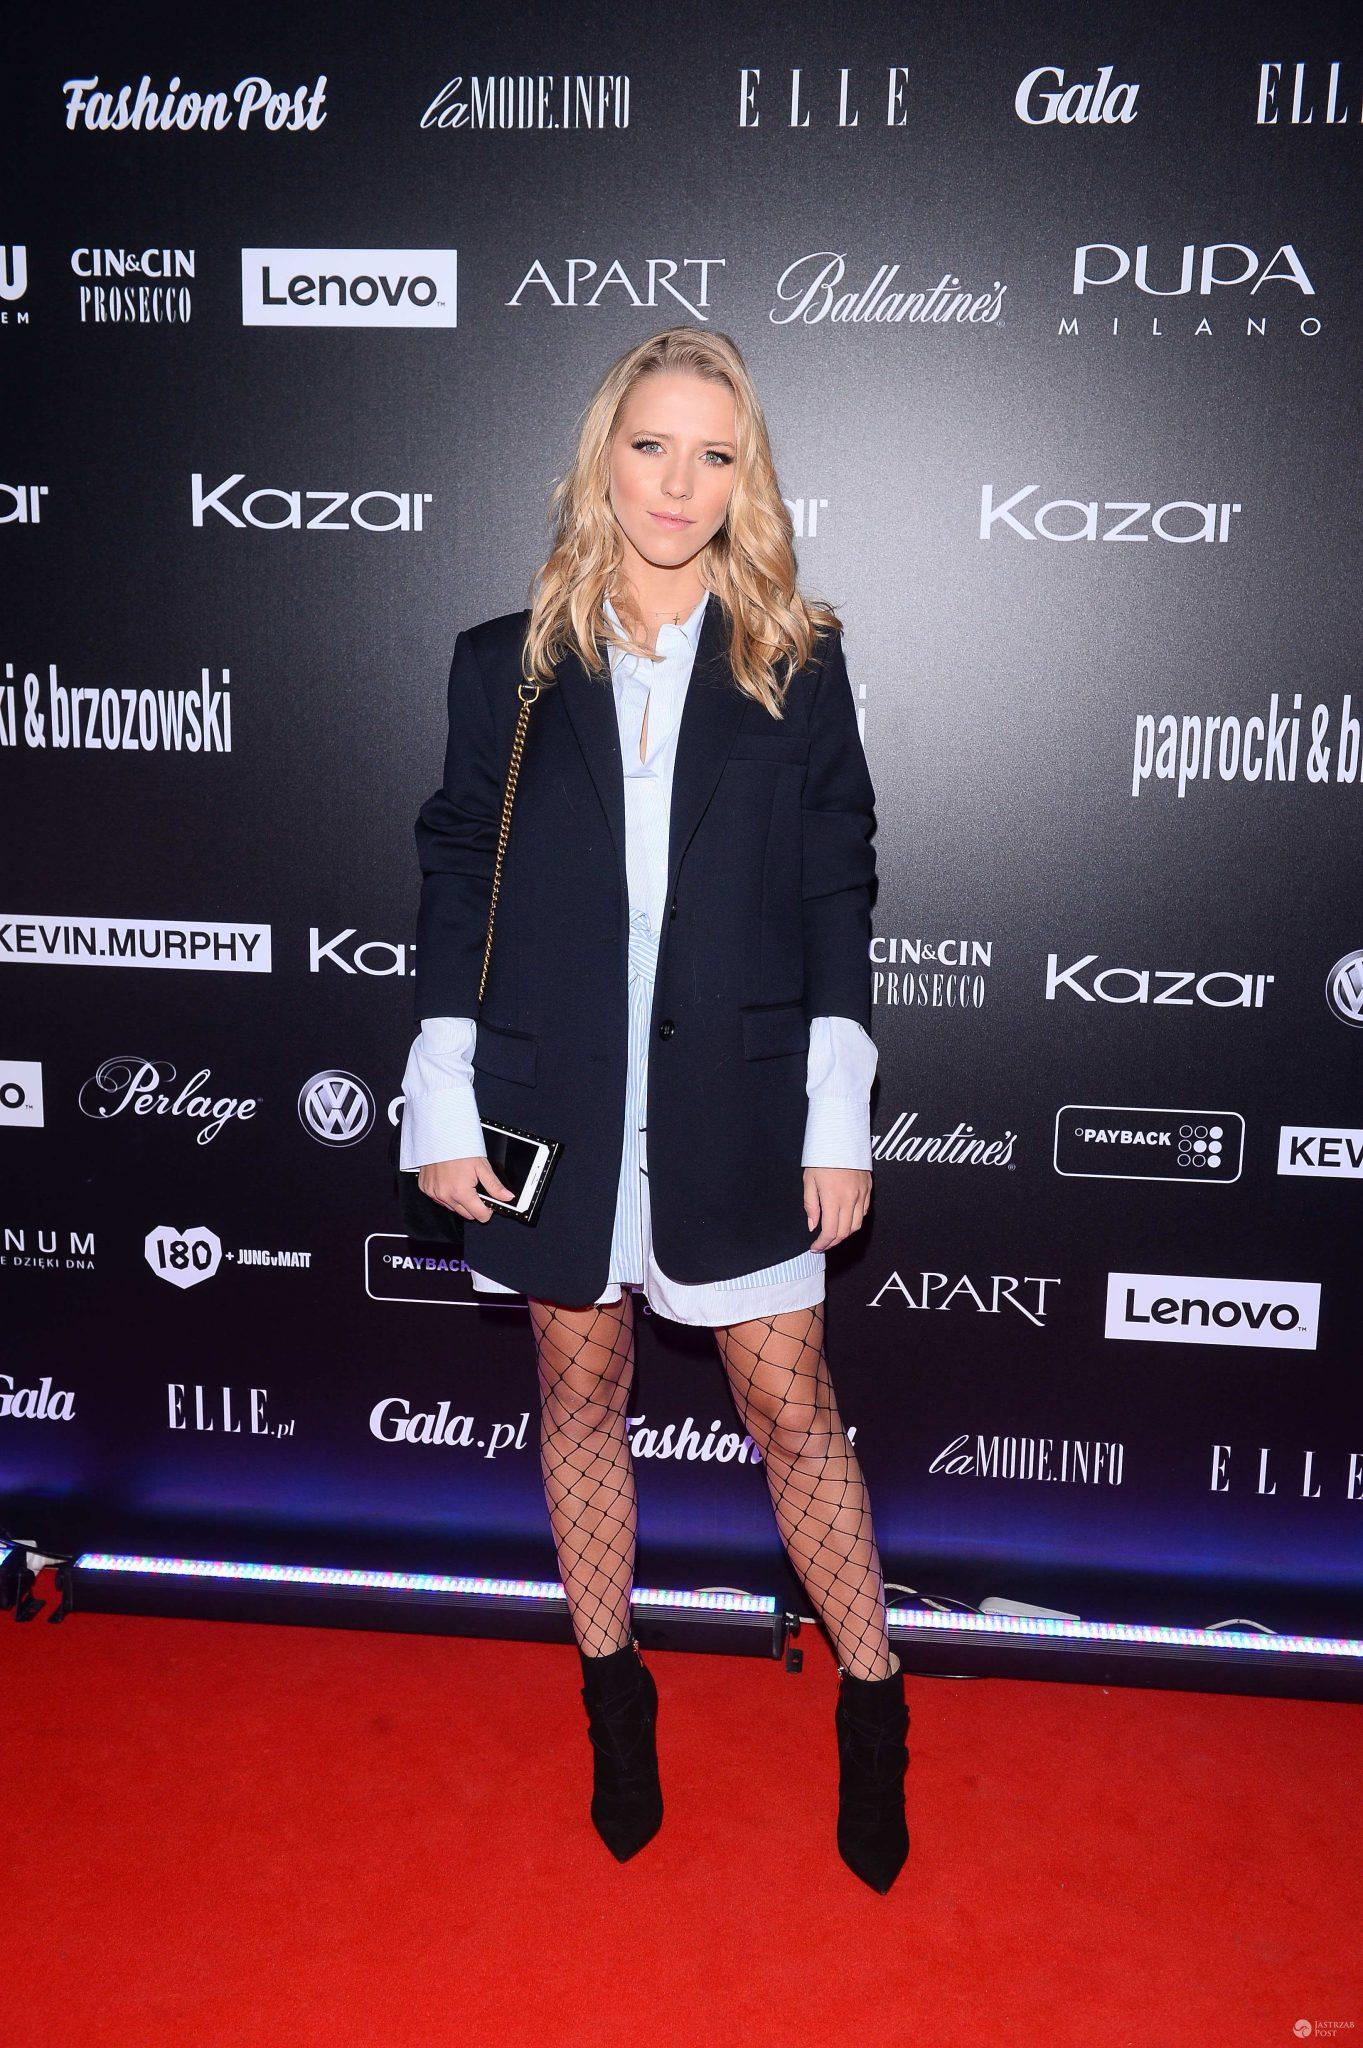 Jessica Mercedes - Pokaz Paprocki & Brzozowski i Kazar 2017